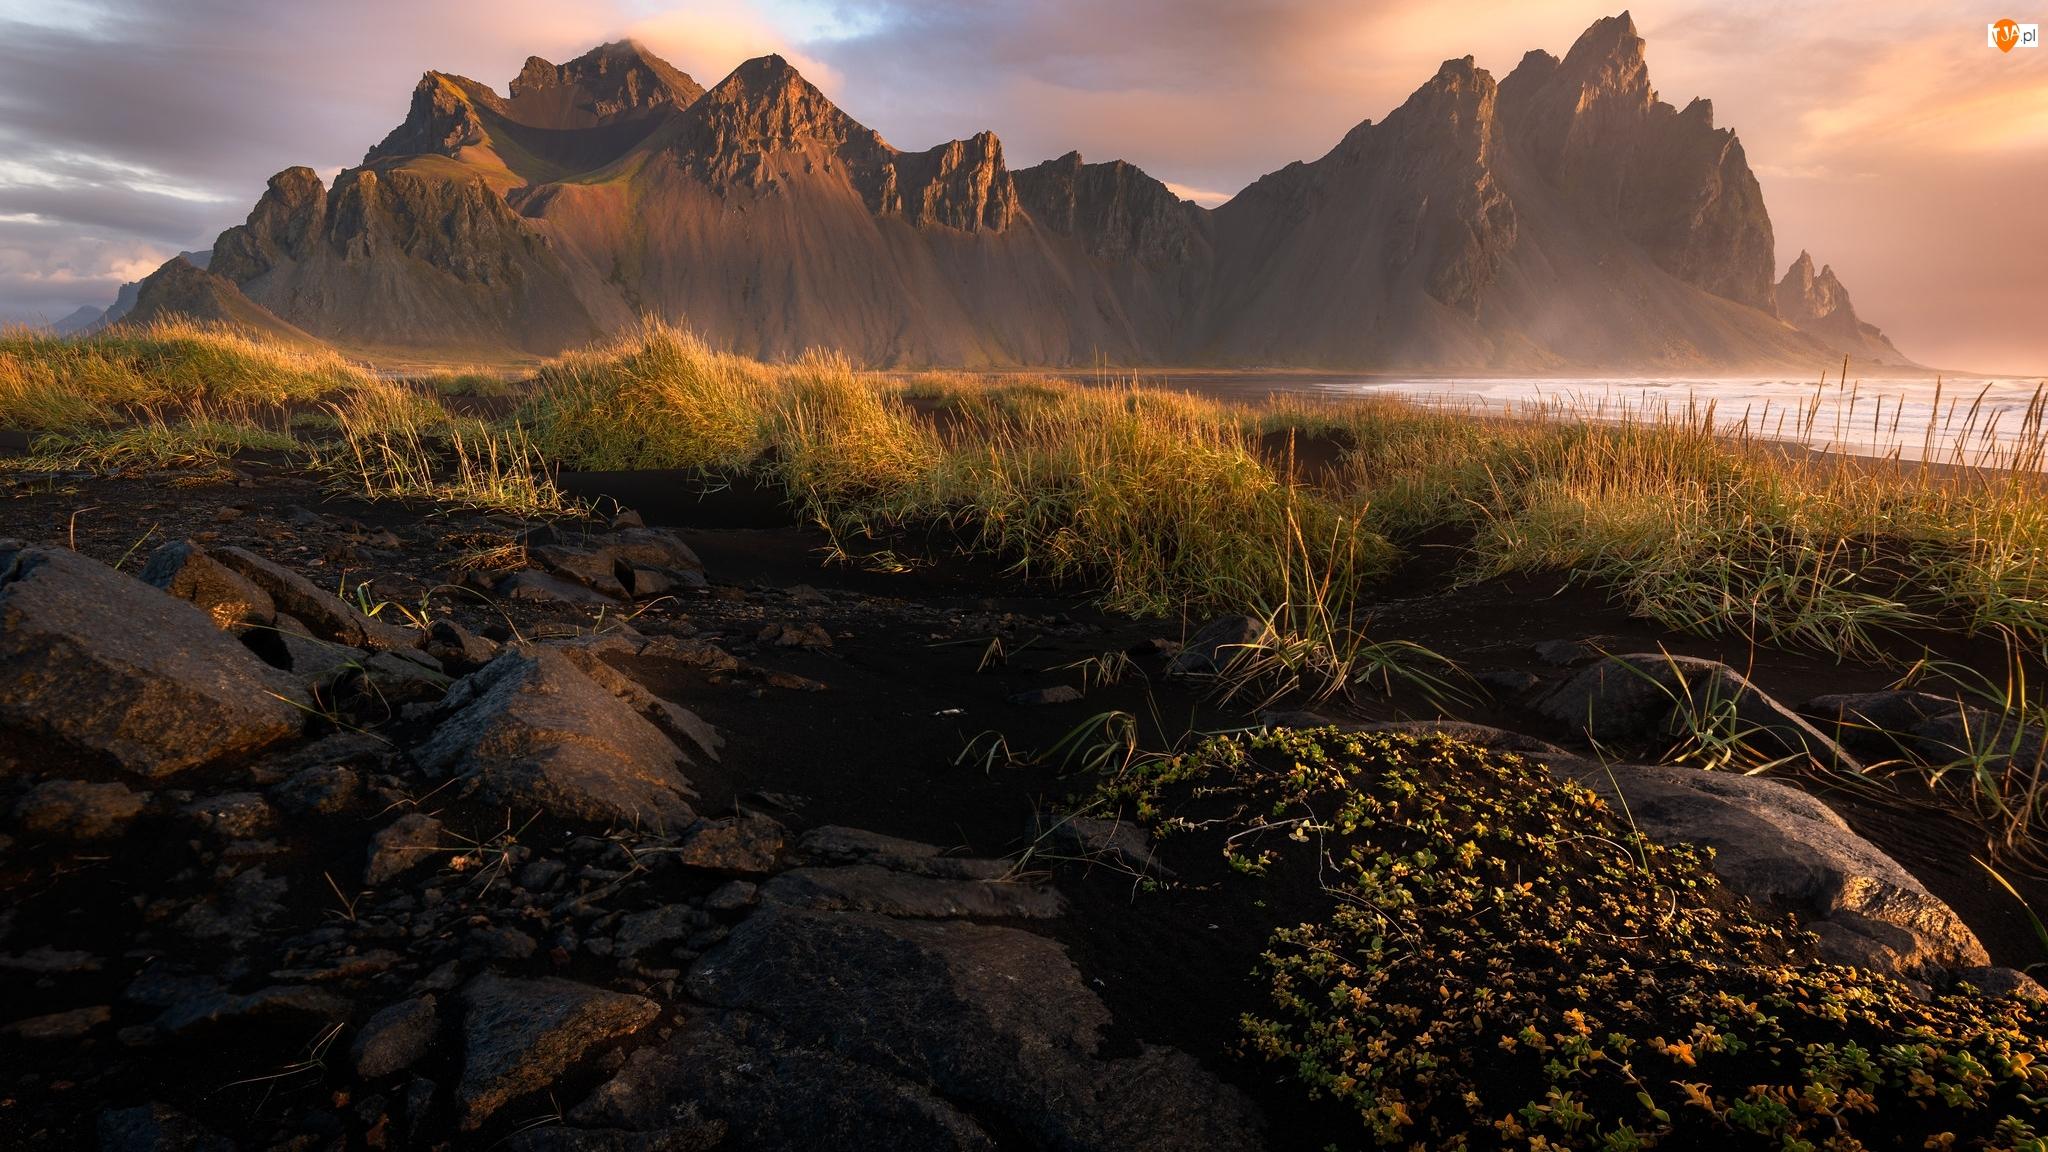 Skały, Wschód słońca, Islandia, Kamienie, Góra, Morze, Trawa, Vestrahorn